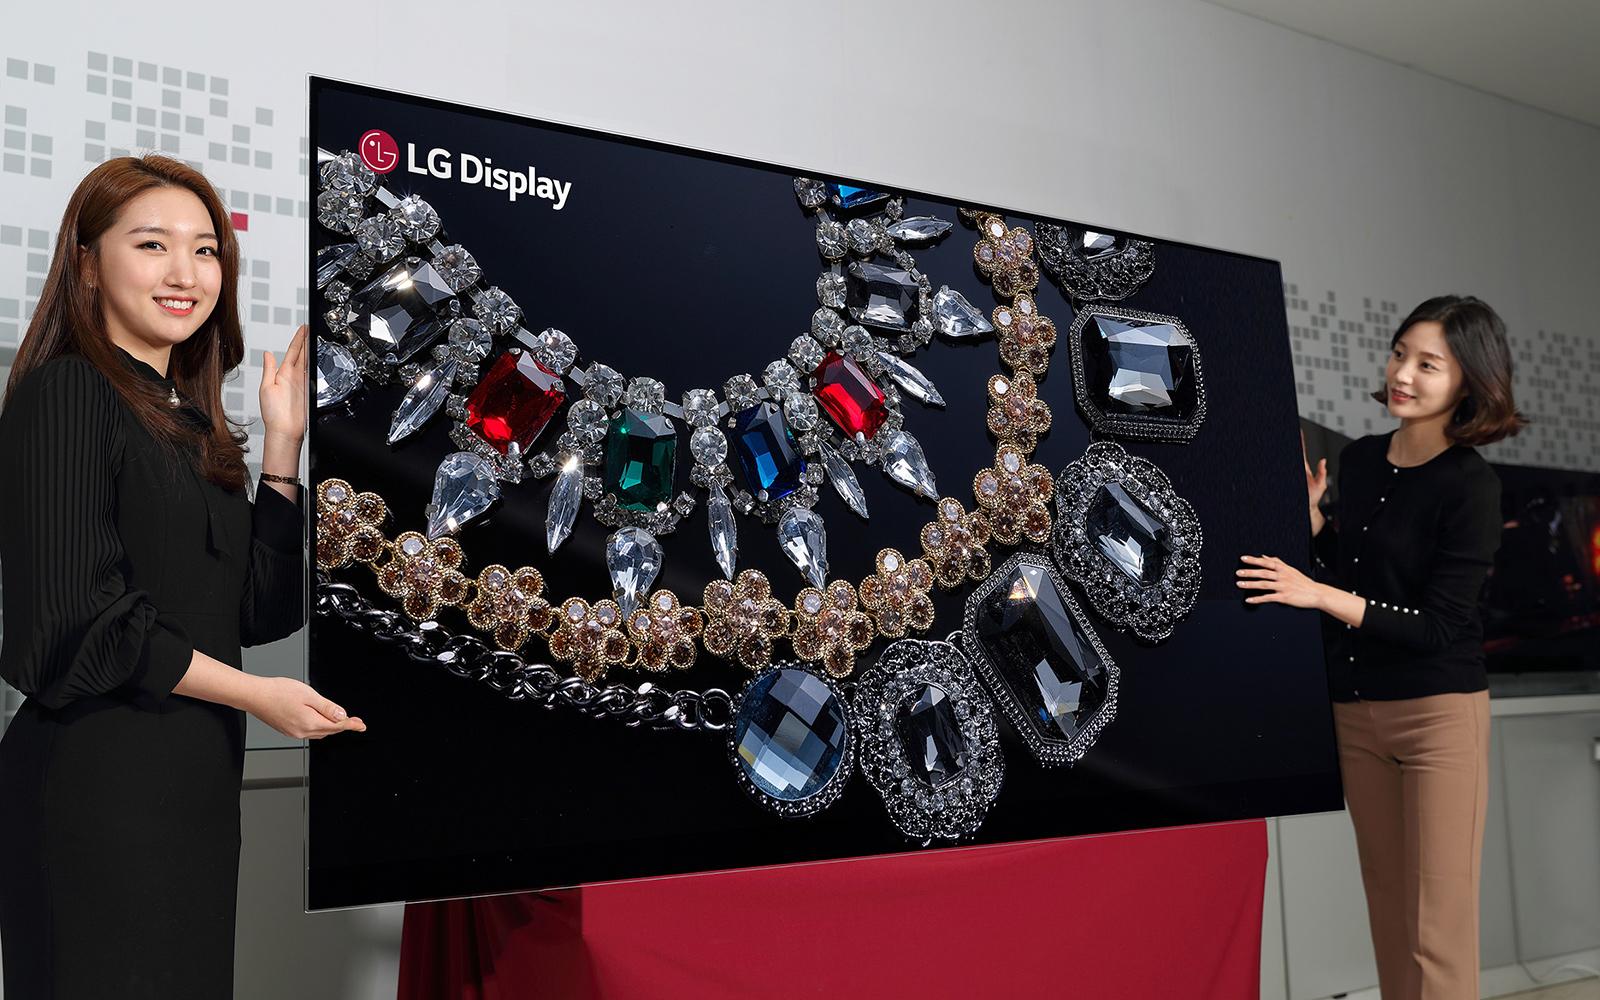 LG viser frem OLED-TV-en med 8K-oppløsning.